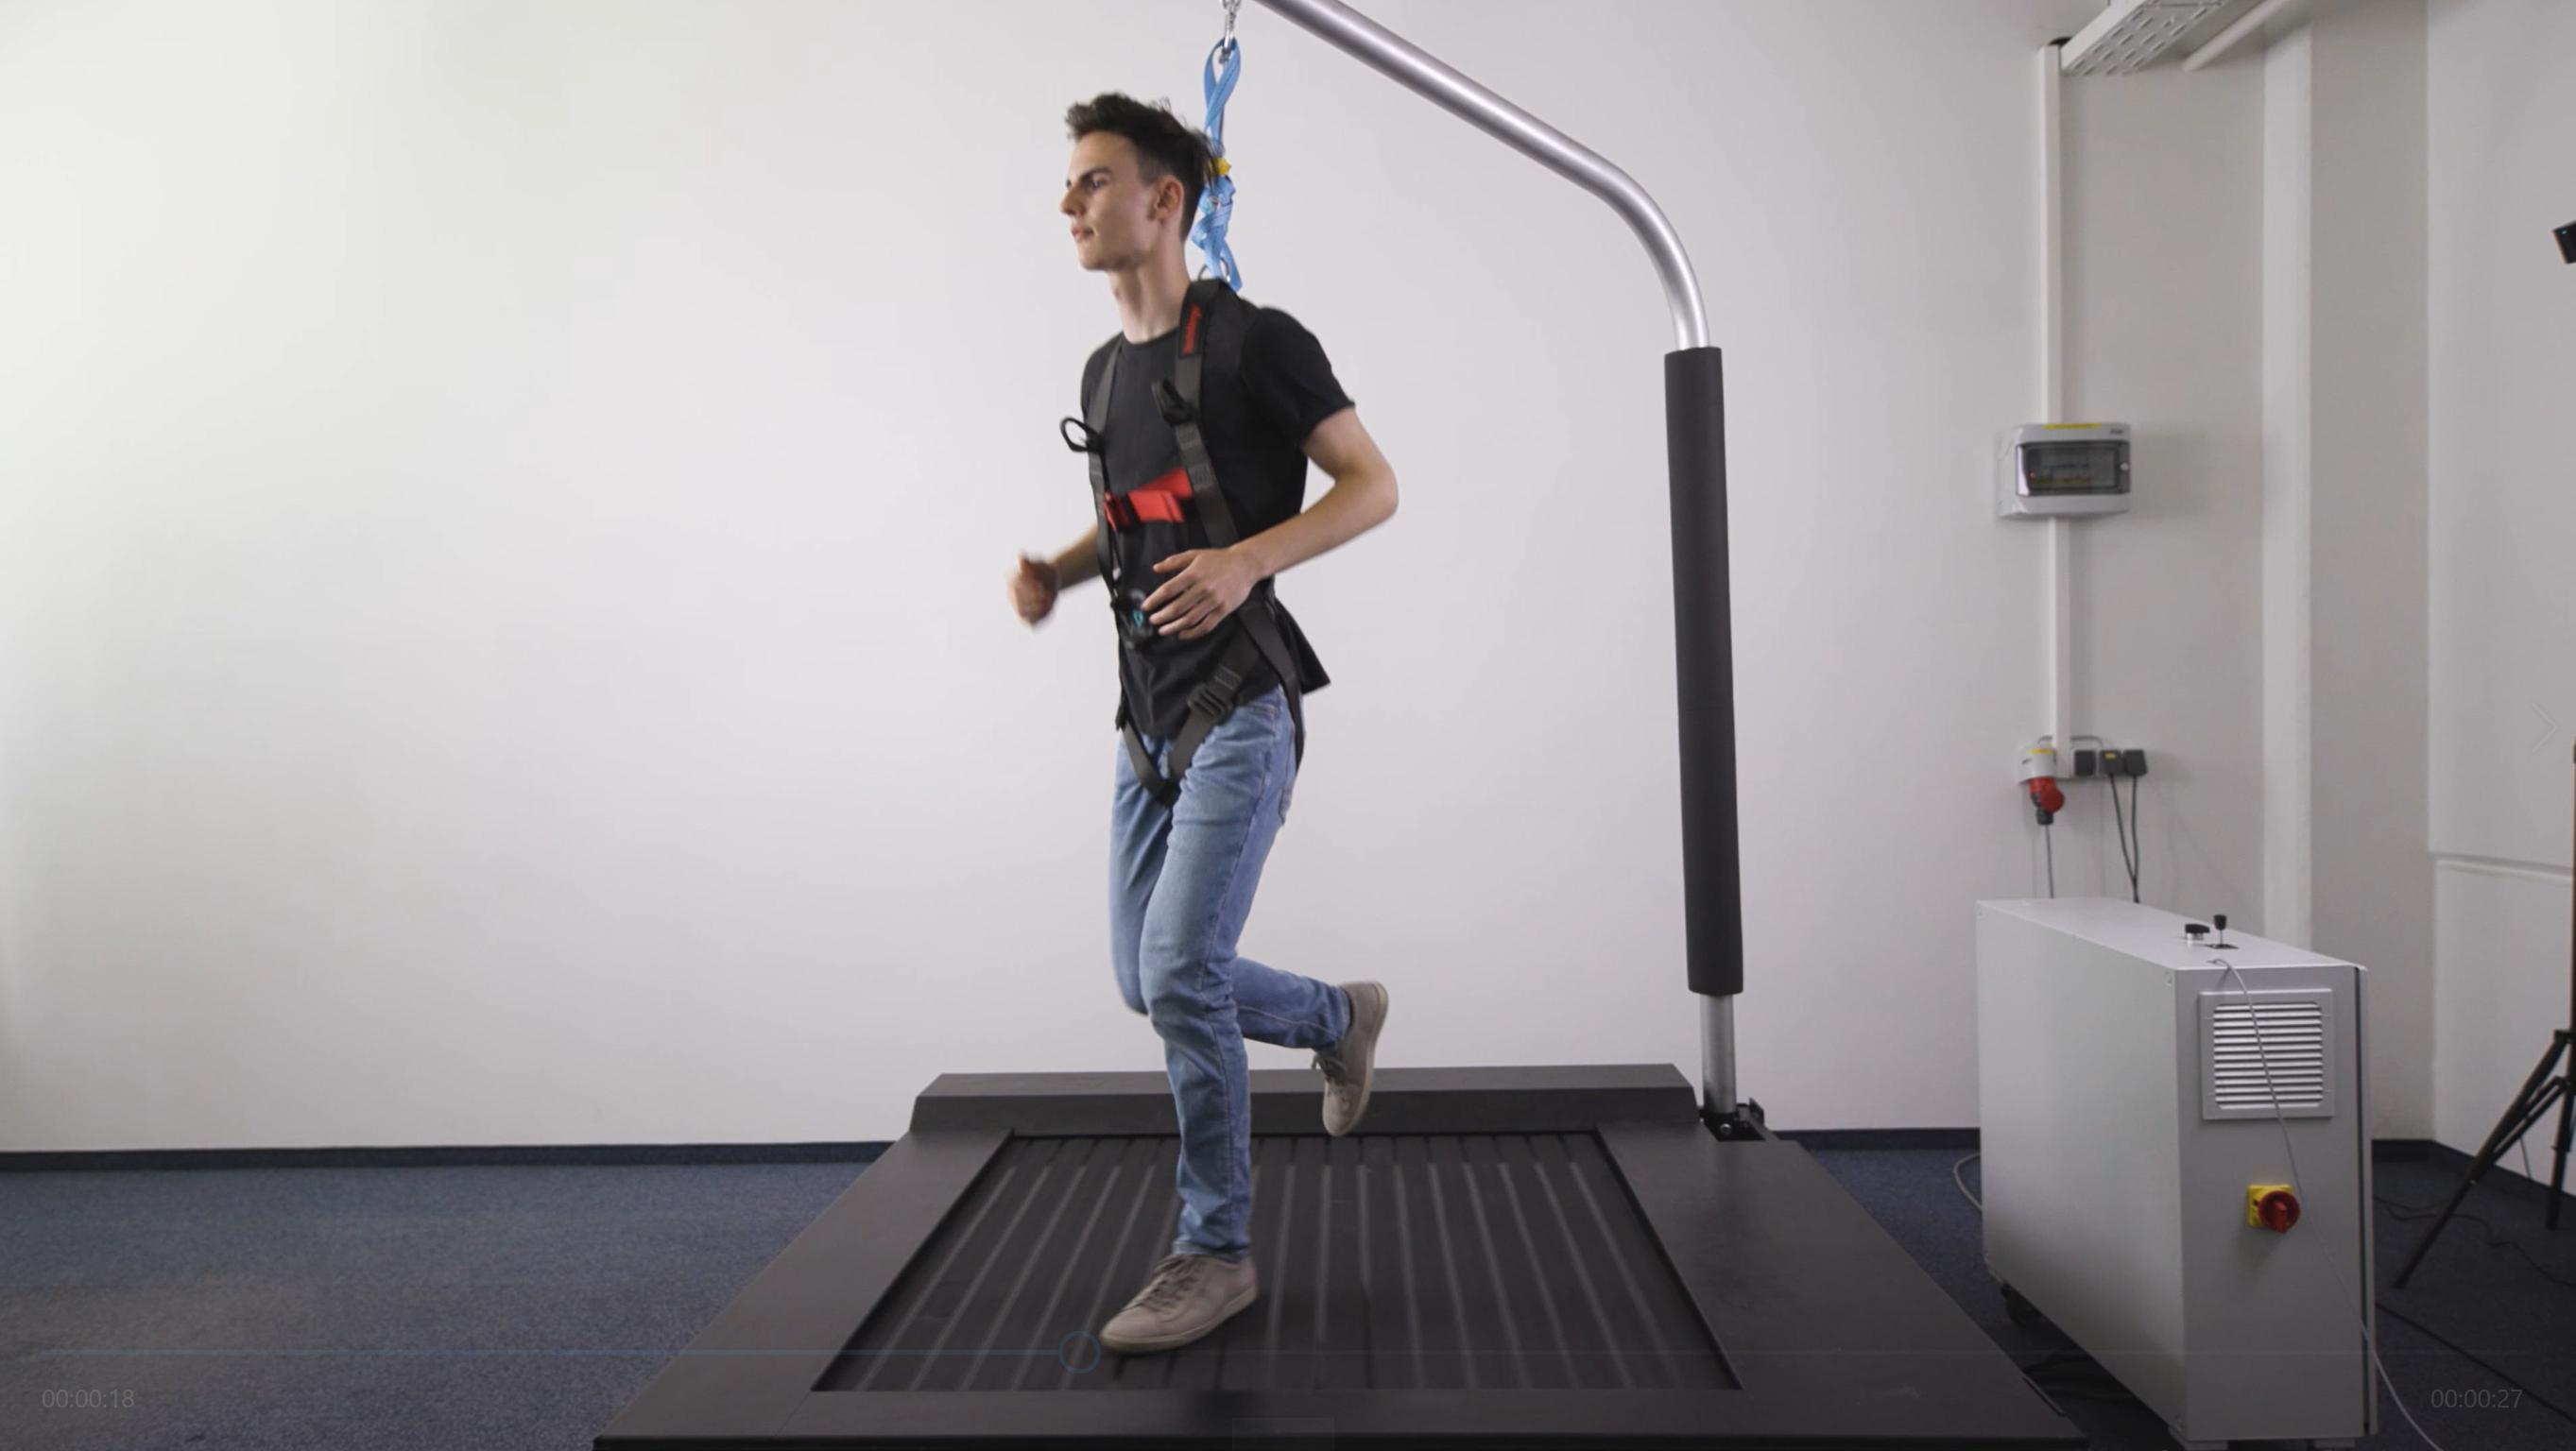 VR_Omnidirectional_Treadmill_ACTVR